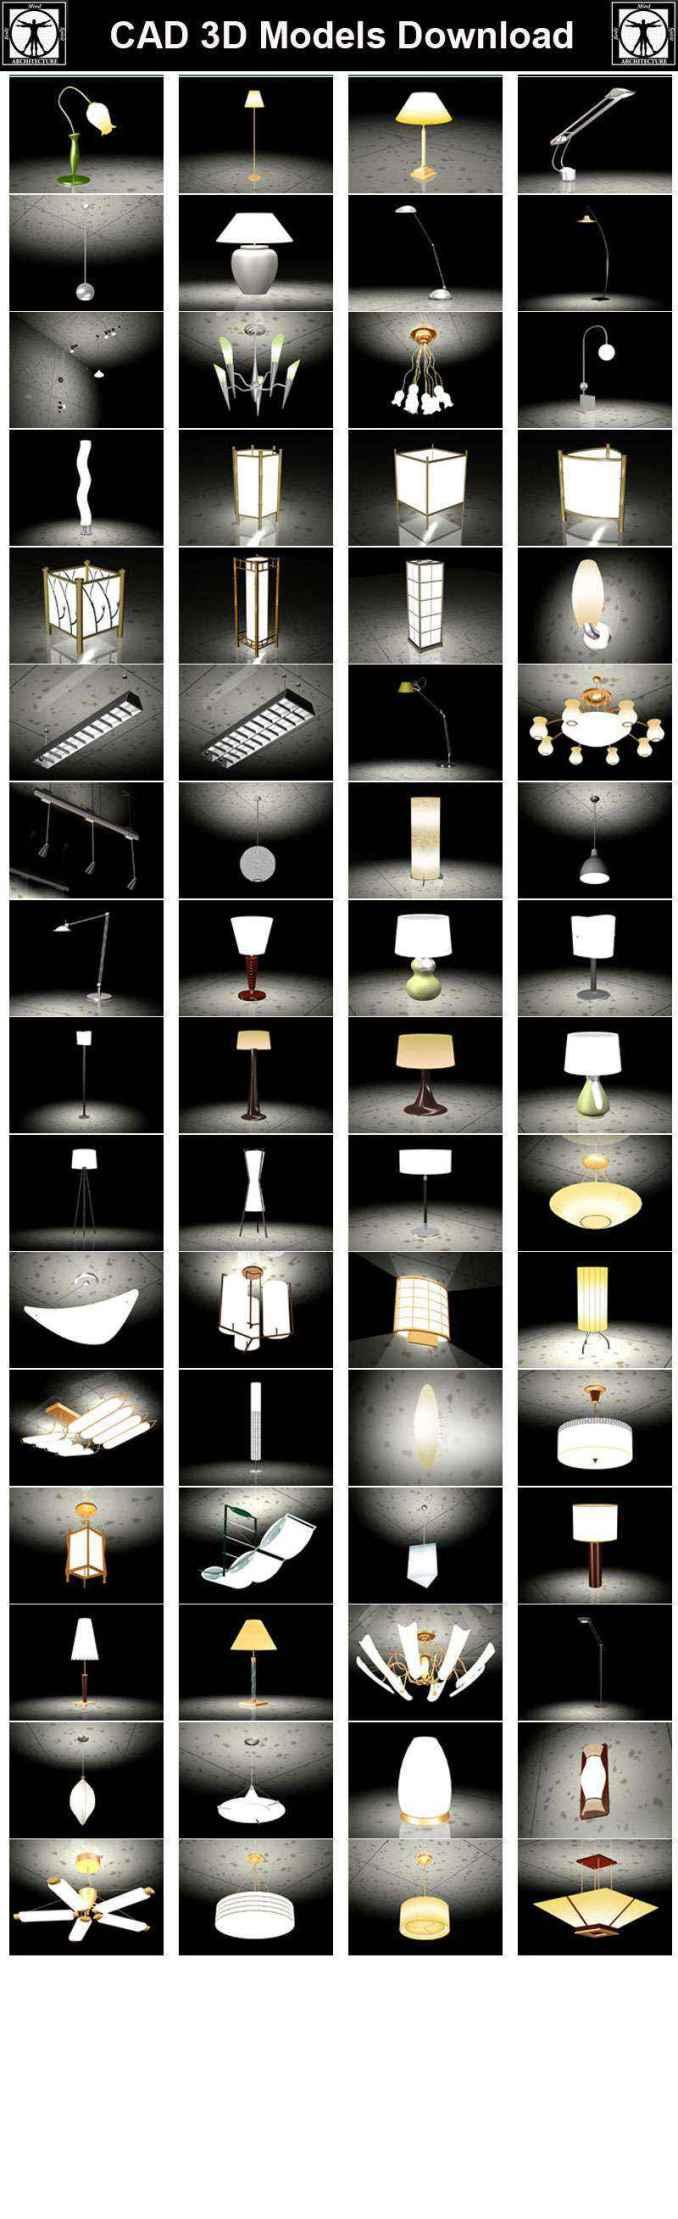 Lamp 3D Cad Models